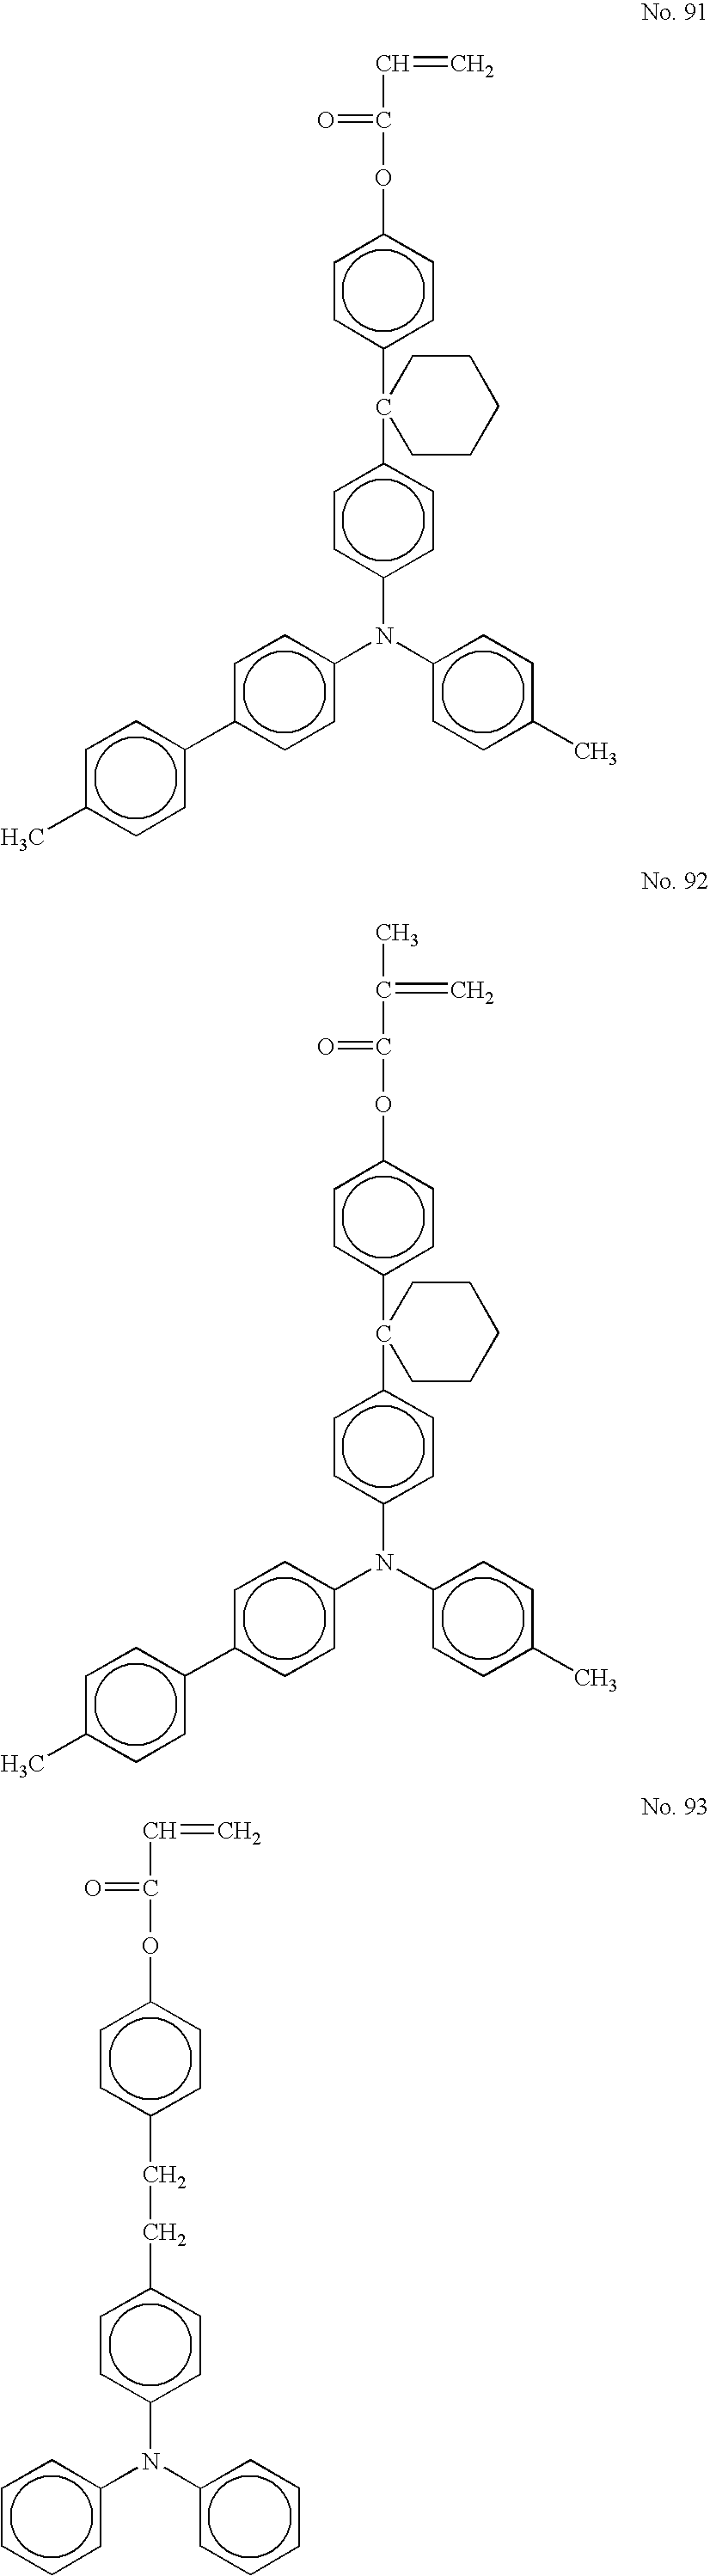 Figure US07361438-20080422-C00038